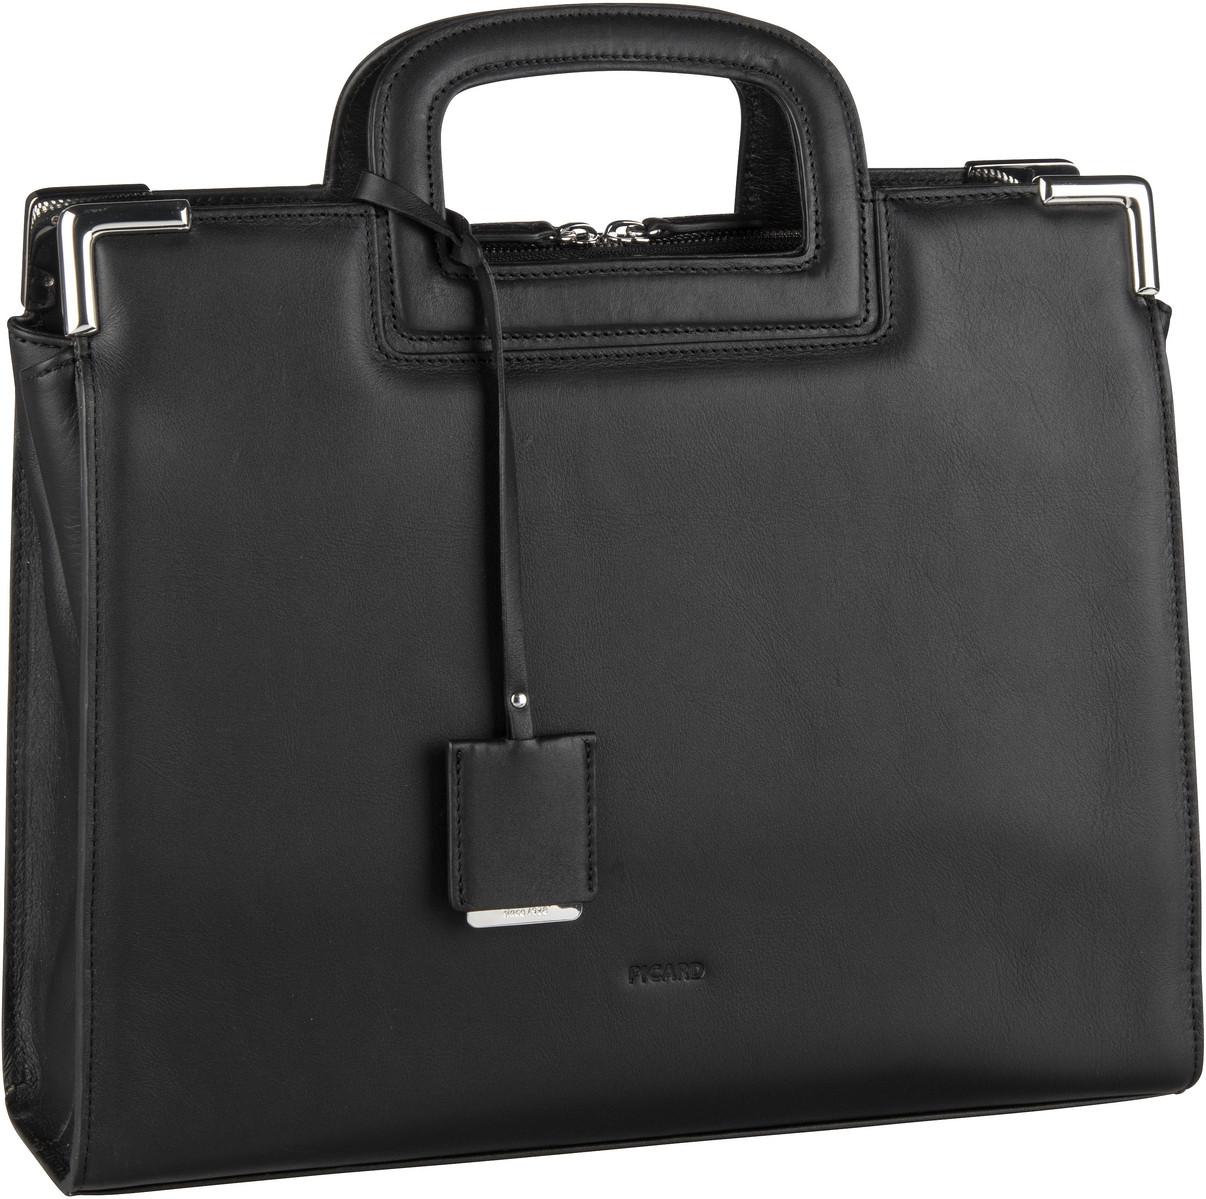 Handtasche Cherie 9513 Schwarz